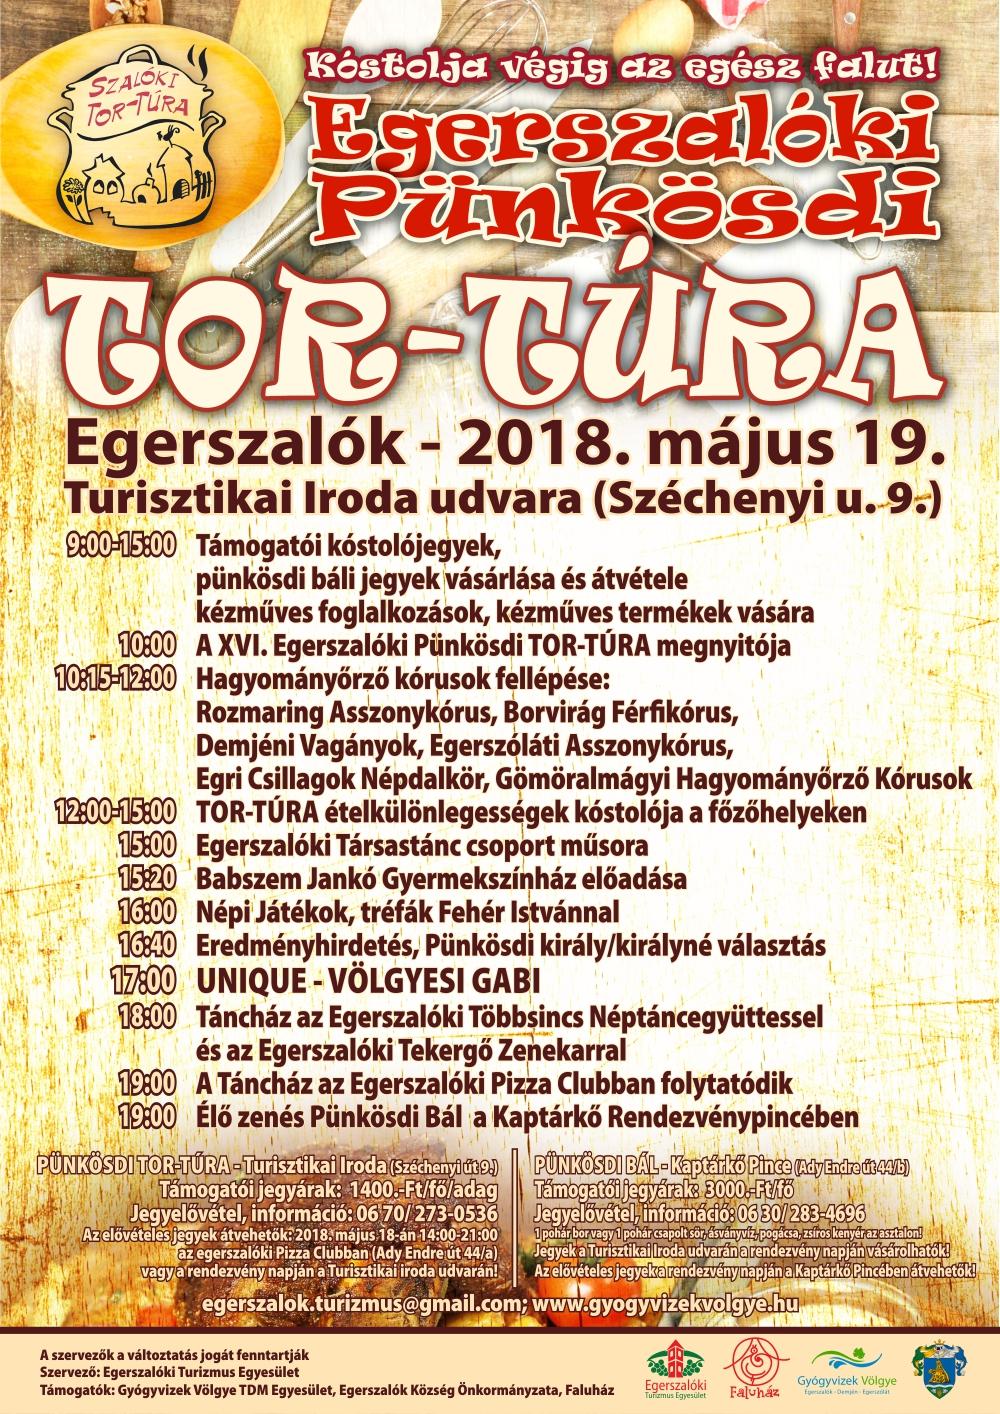 Egerszakóki Pünkösdi Tor-Túra 2019 programok